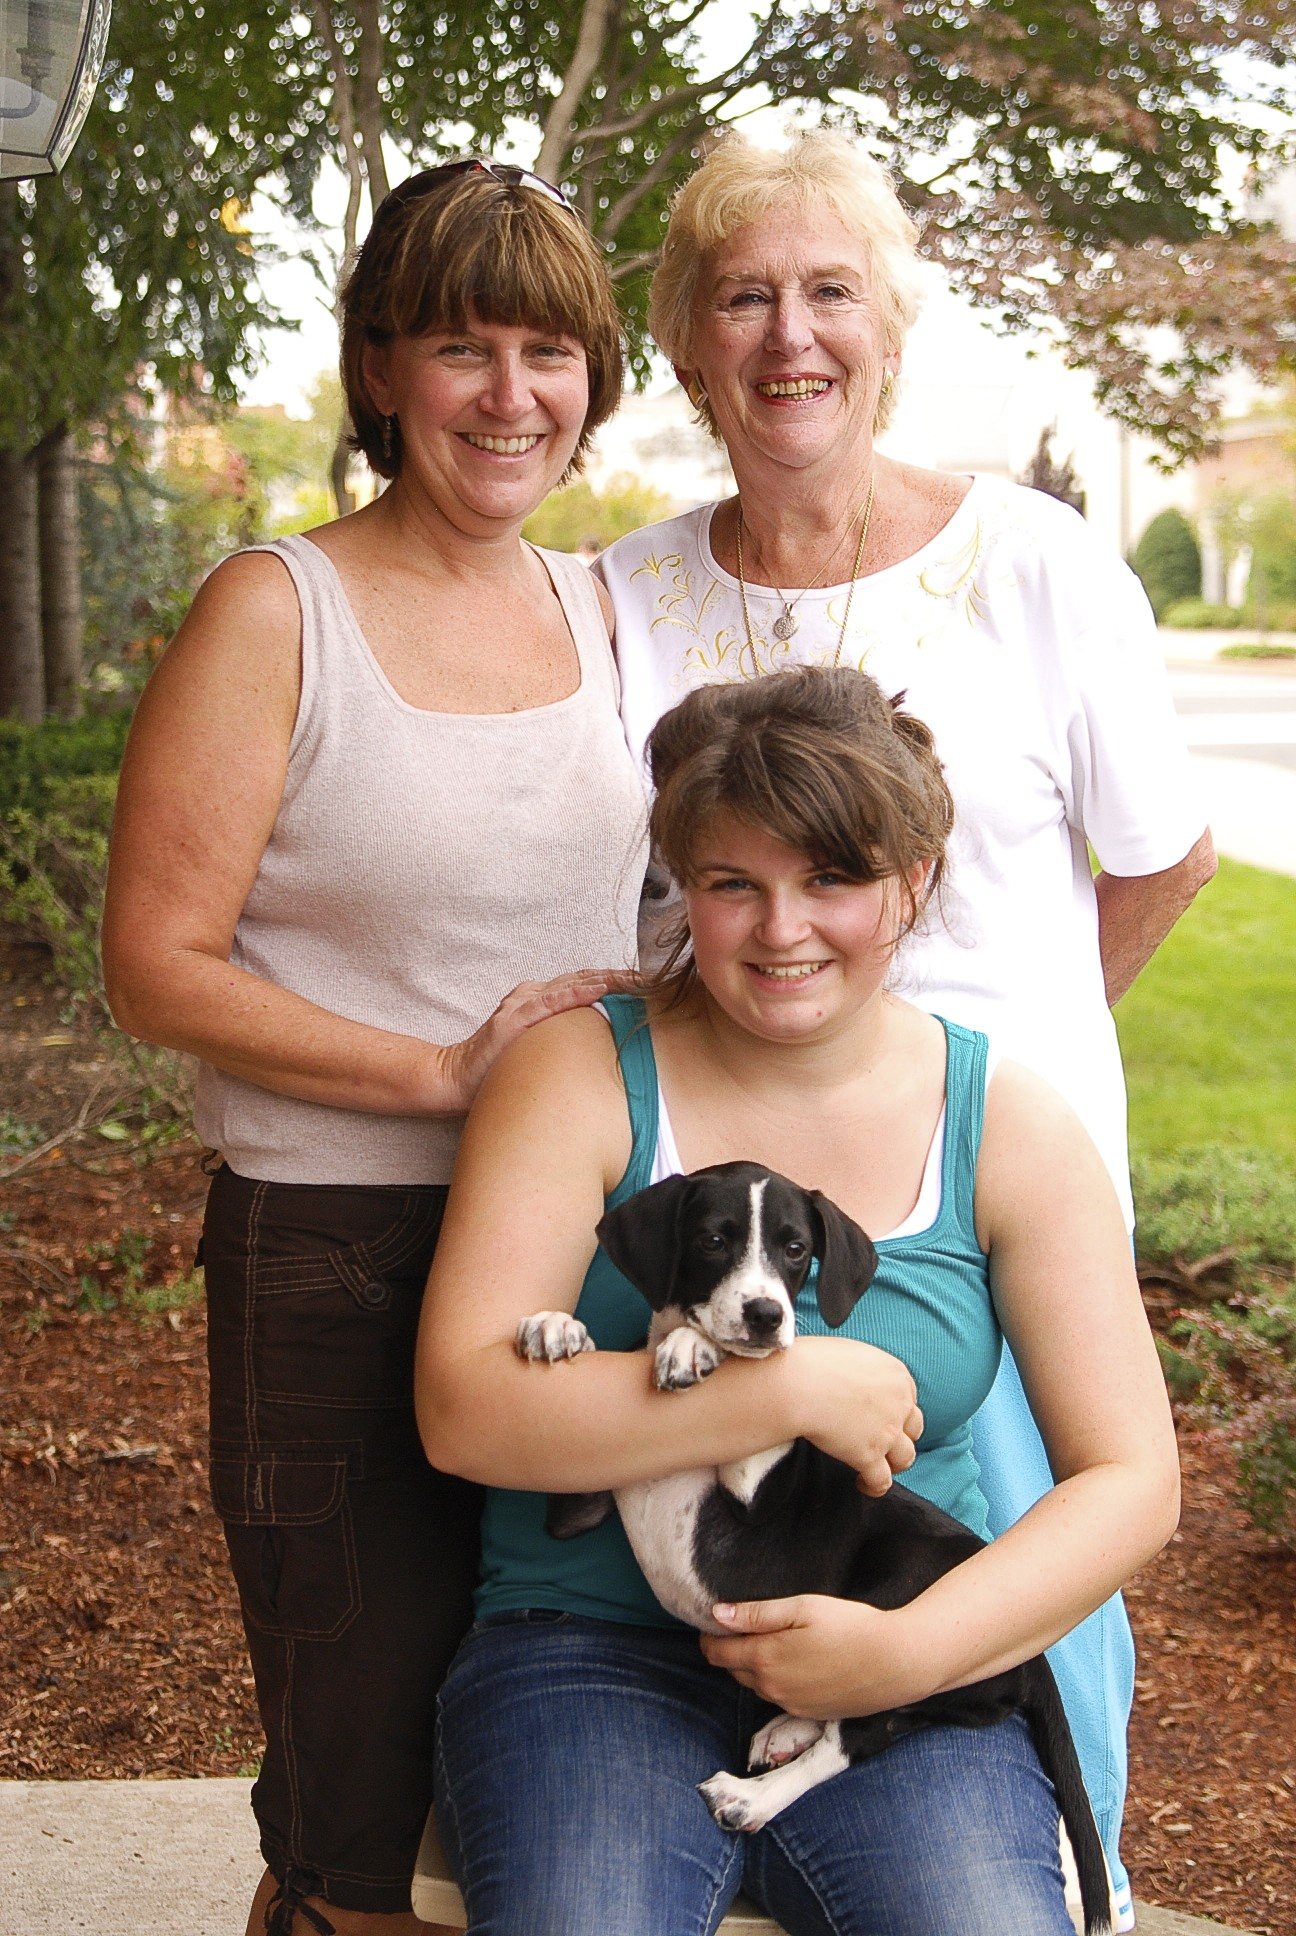 Adopt_A_Pet_9-25-11-2-27.jpg